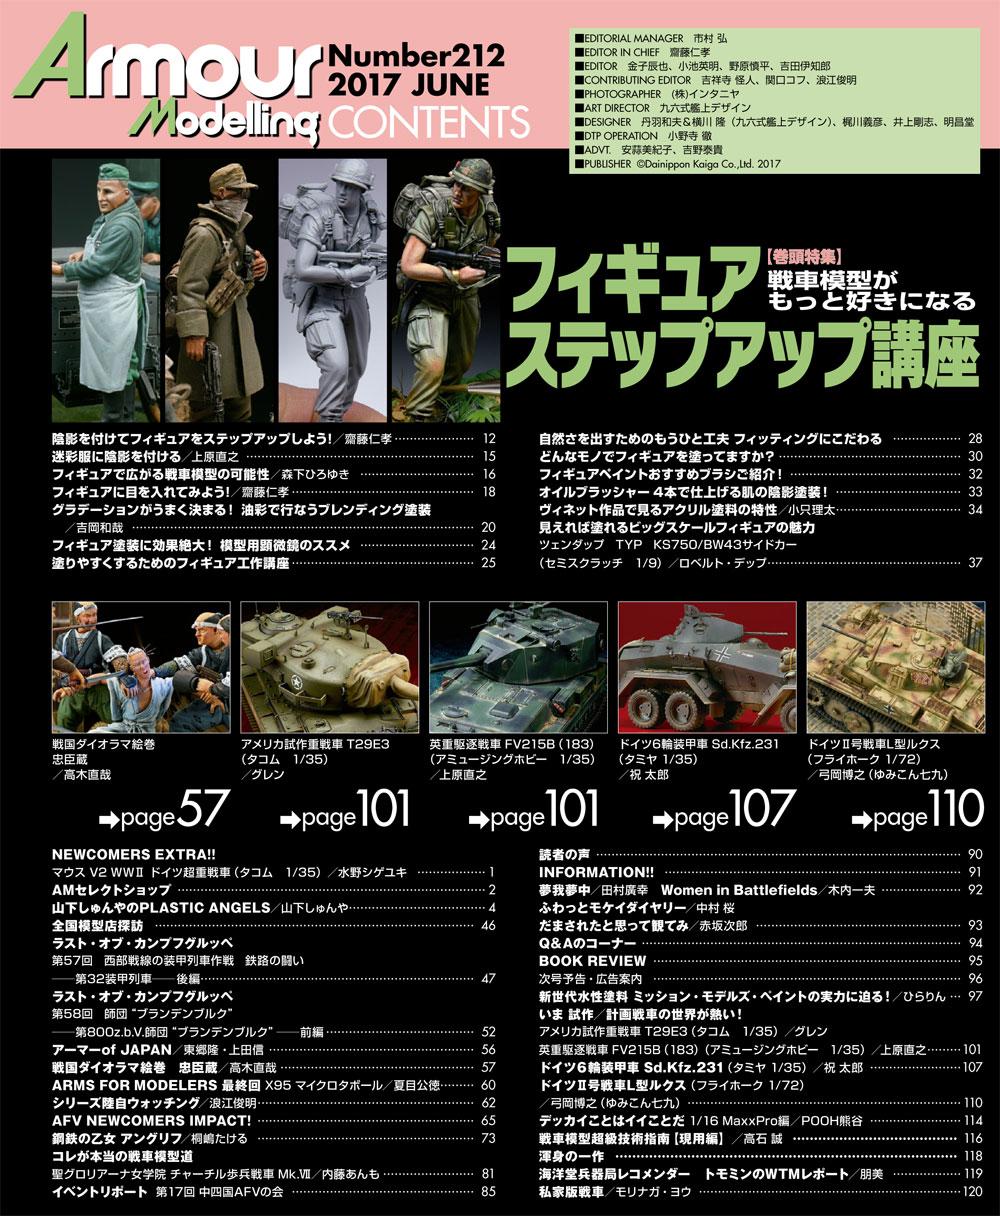 アーマーモデリング 2017年6月号雑誌(大日本絵画Armour ModelingNo.Vol.212)商品画像_1